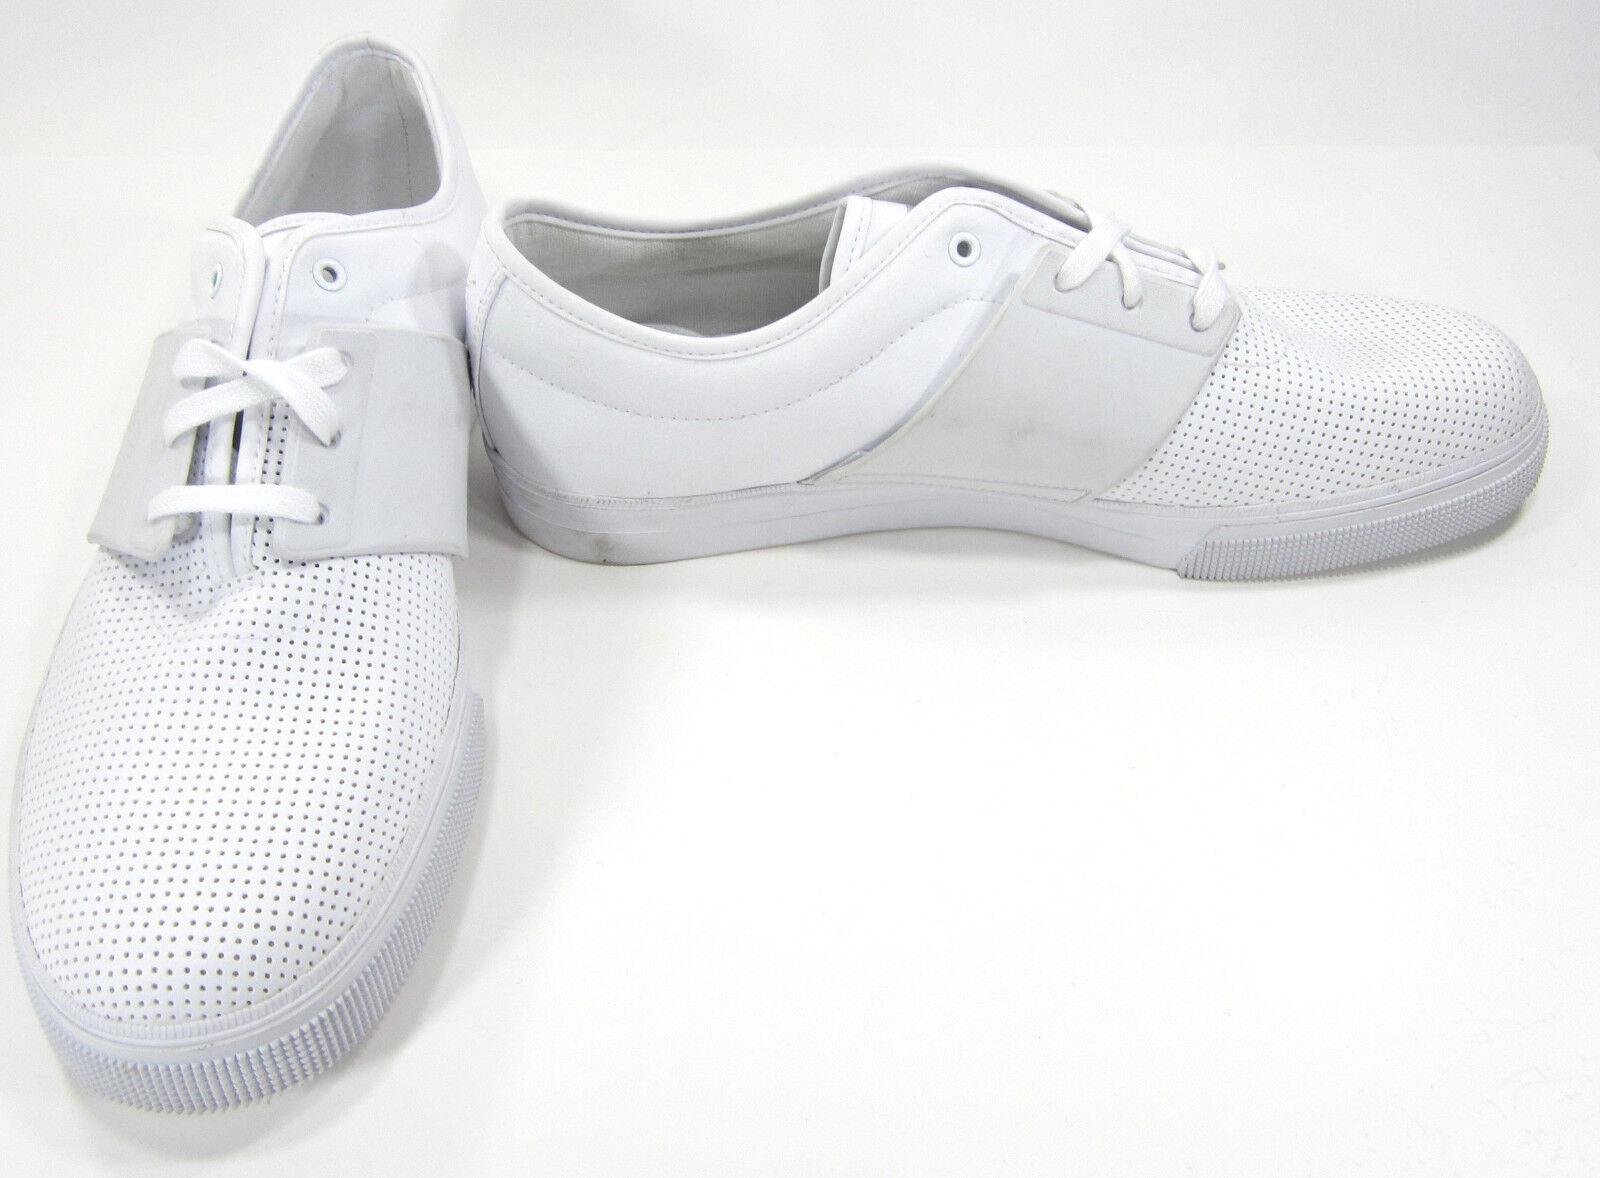 sale retailer 312ac bf008 Zapatos puma el el el Ace de cuero perforado blanco zapatillas comodas el  último descuento zapatos